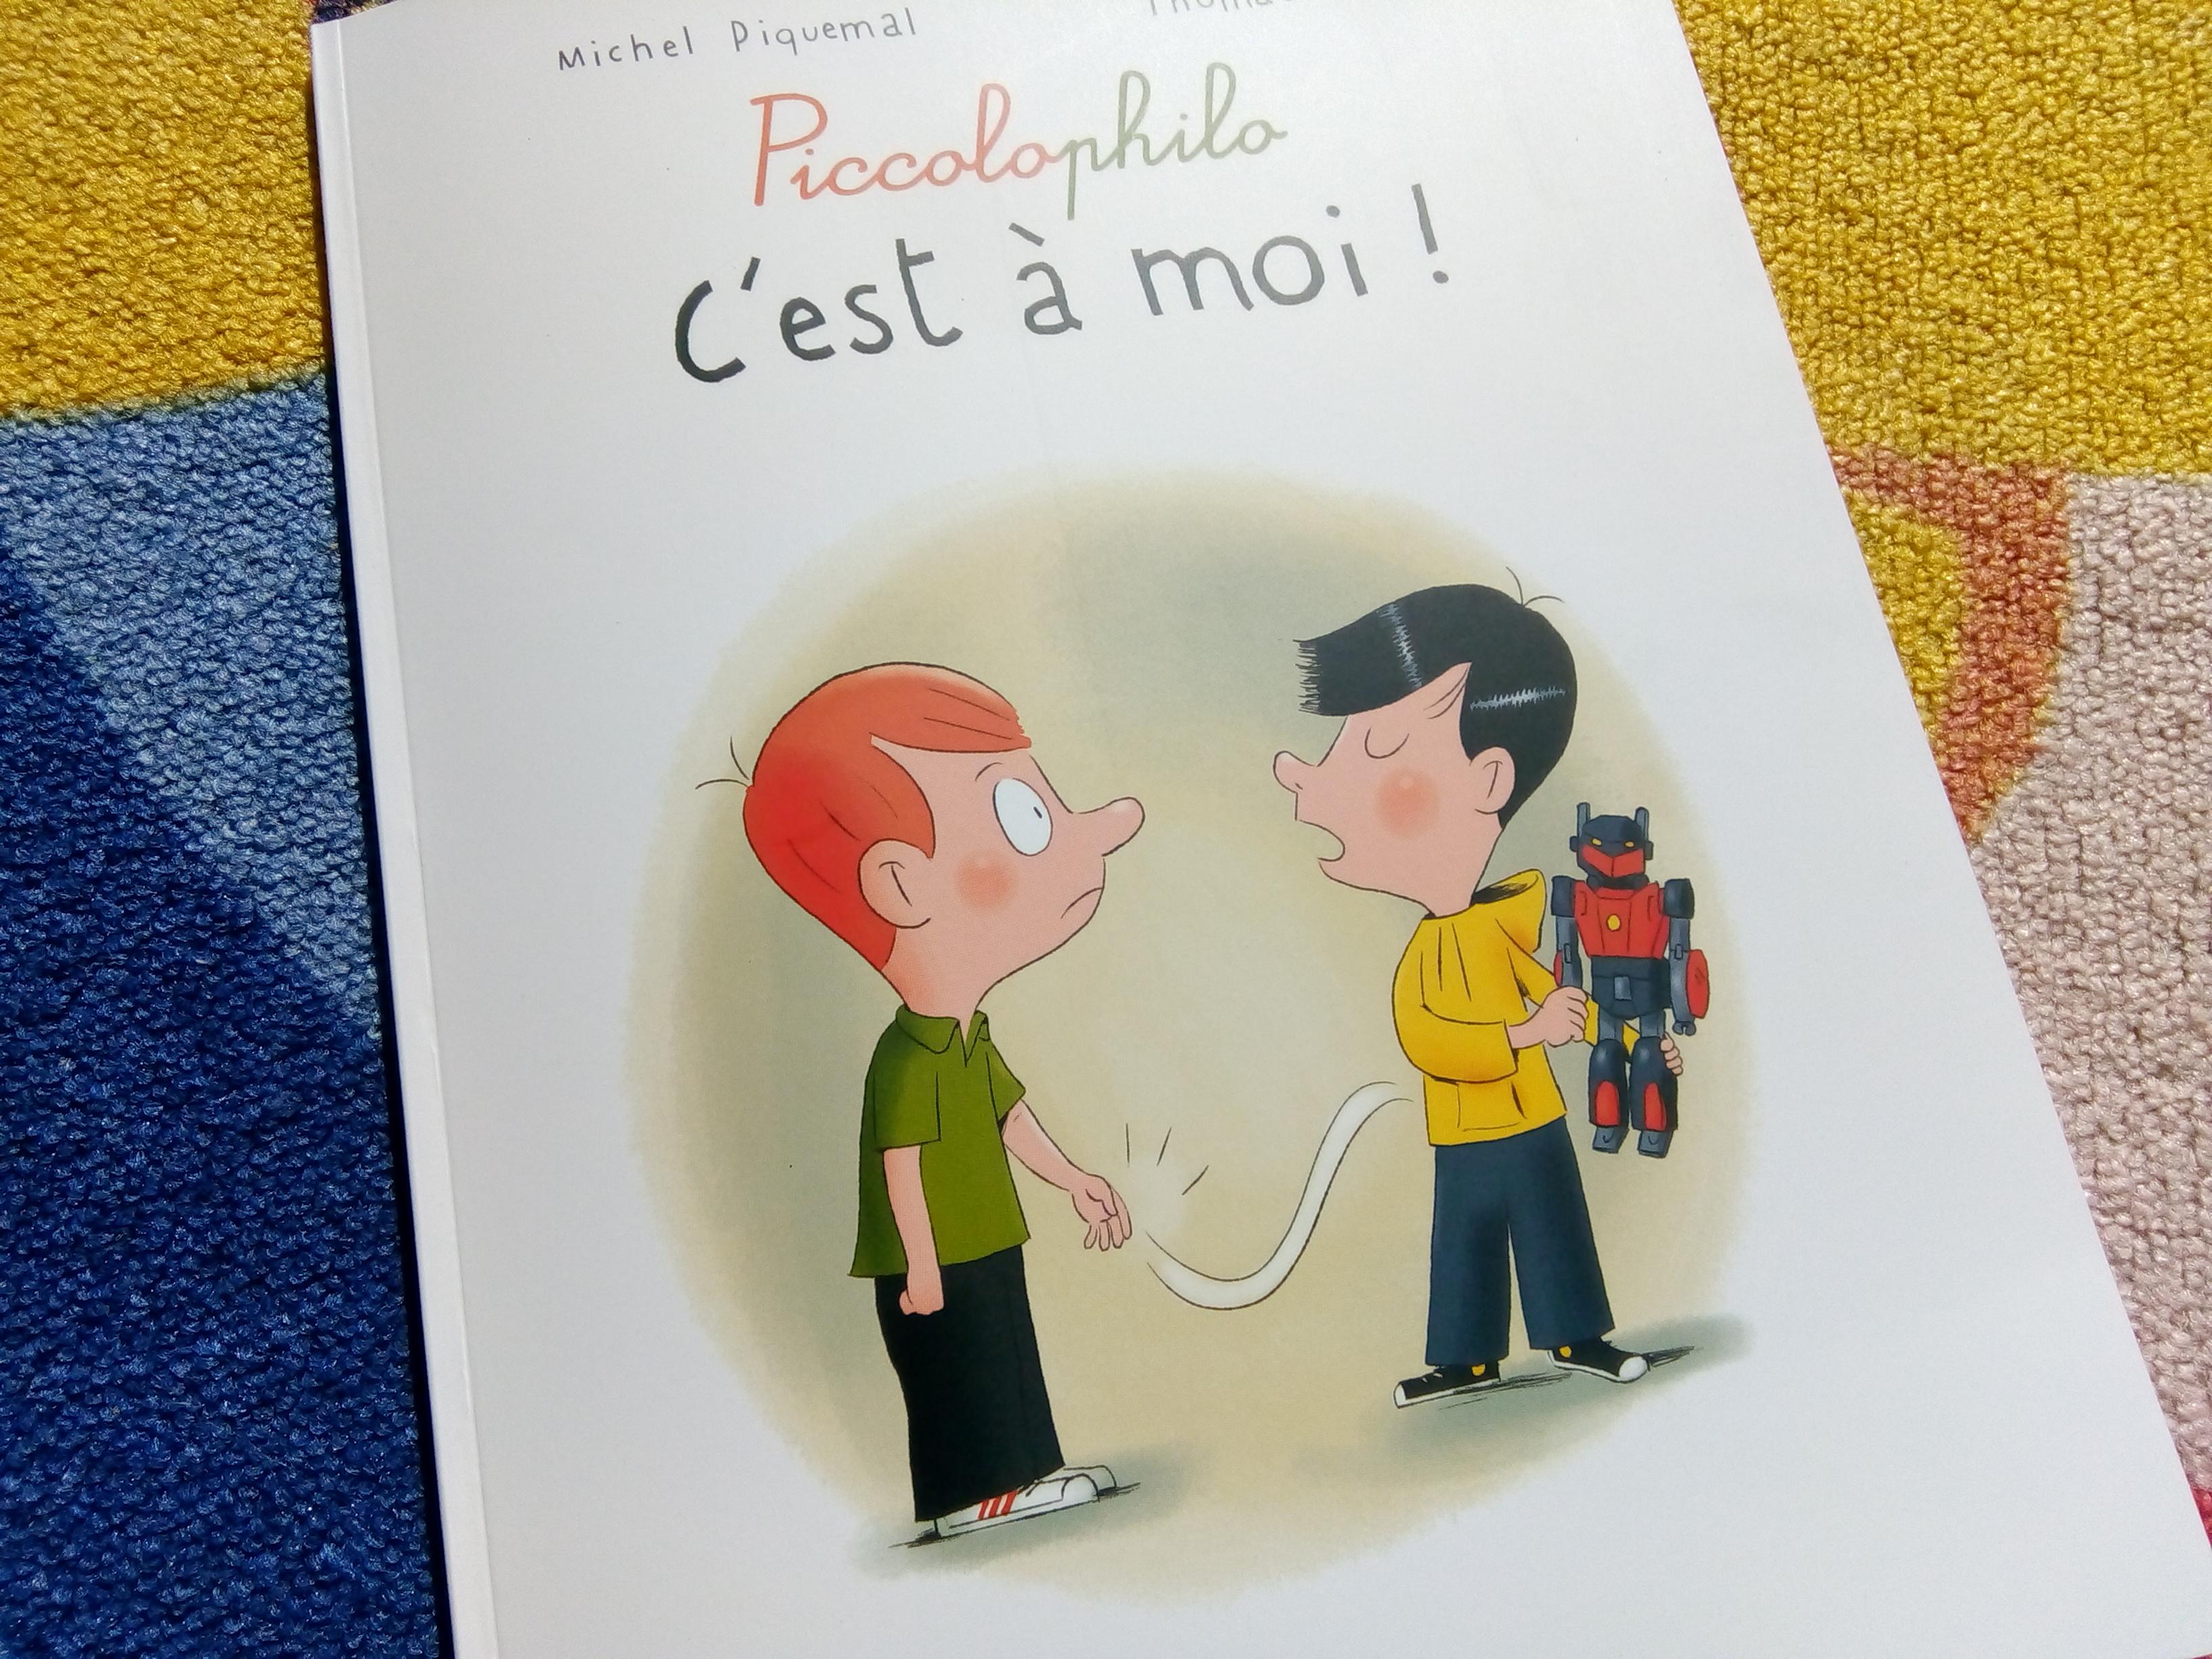 C Est A Moi Un Livre Pour Reflechir Ensemble Sur Les